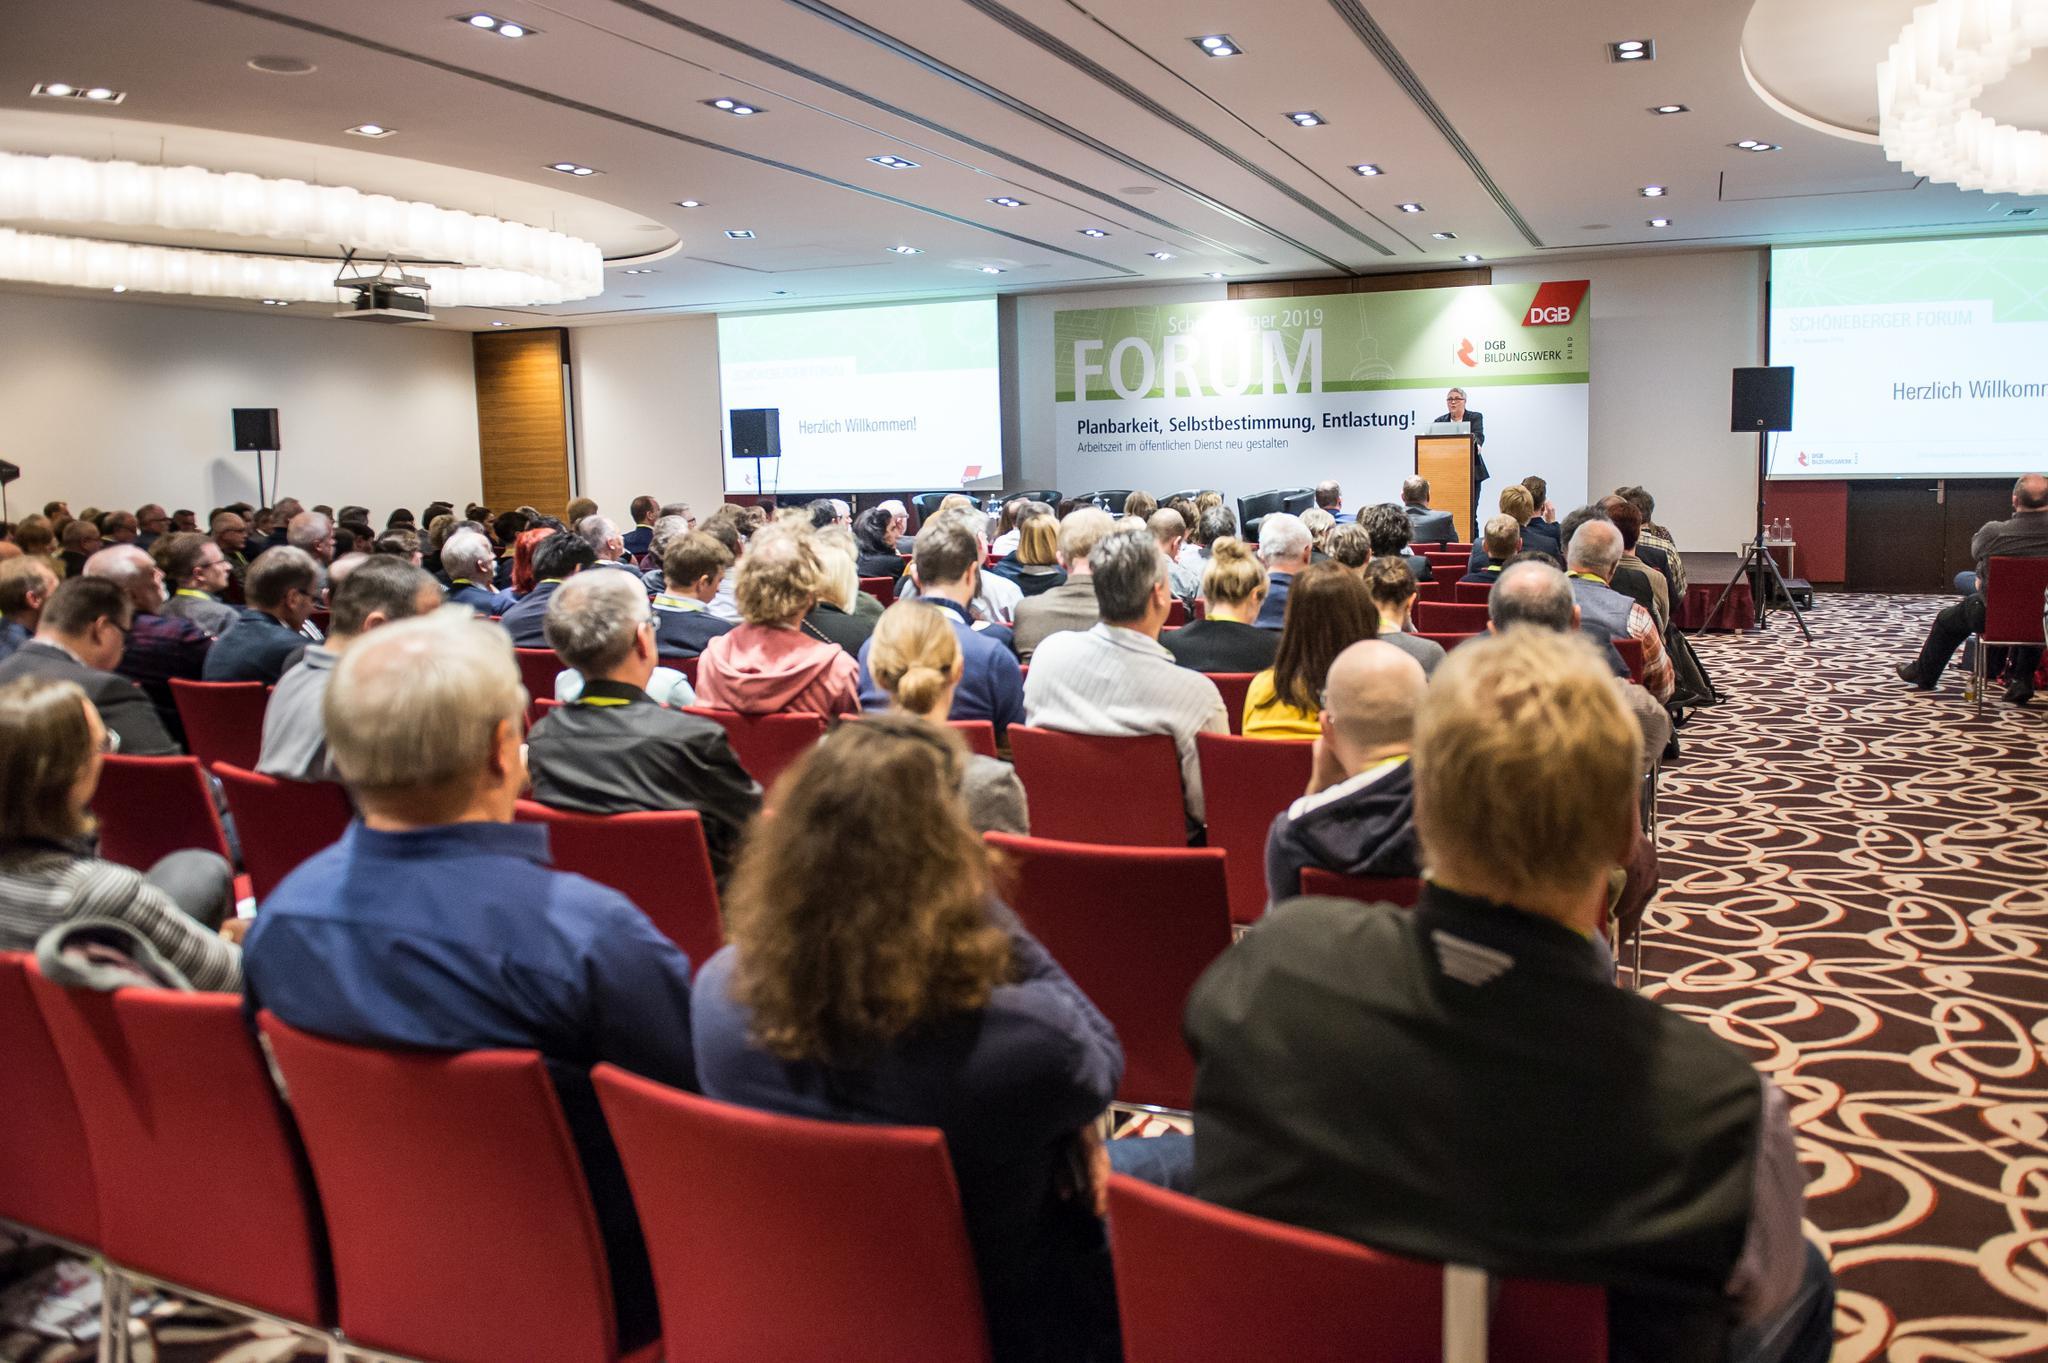 Voller Saal beim Schöneberger Forum 2019